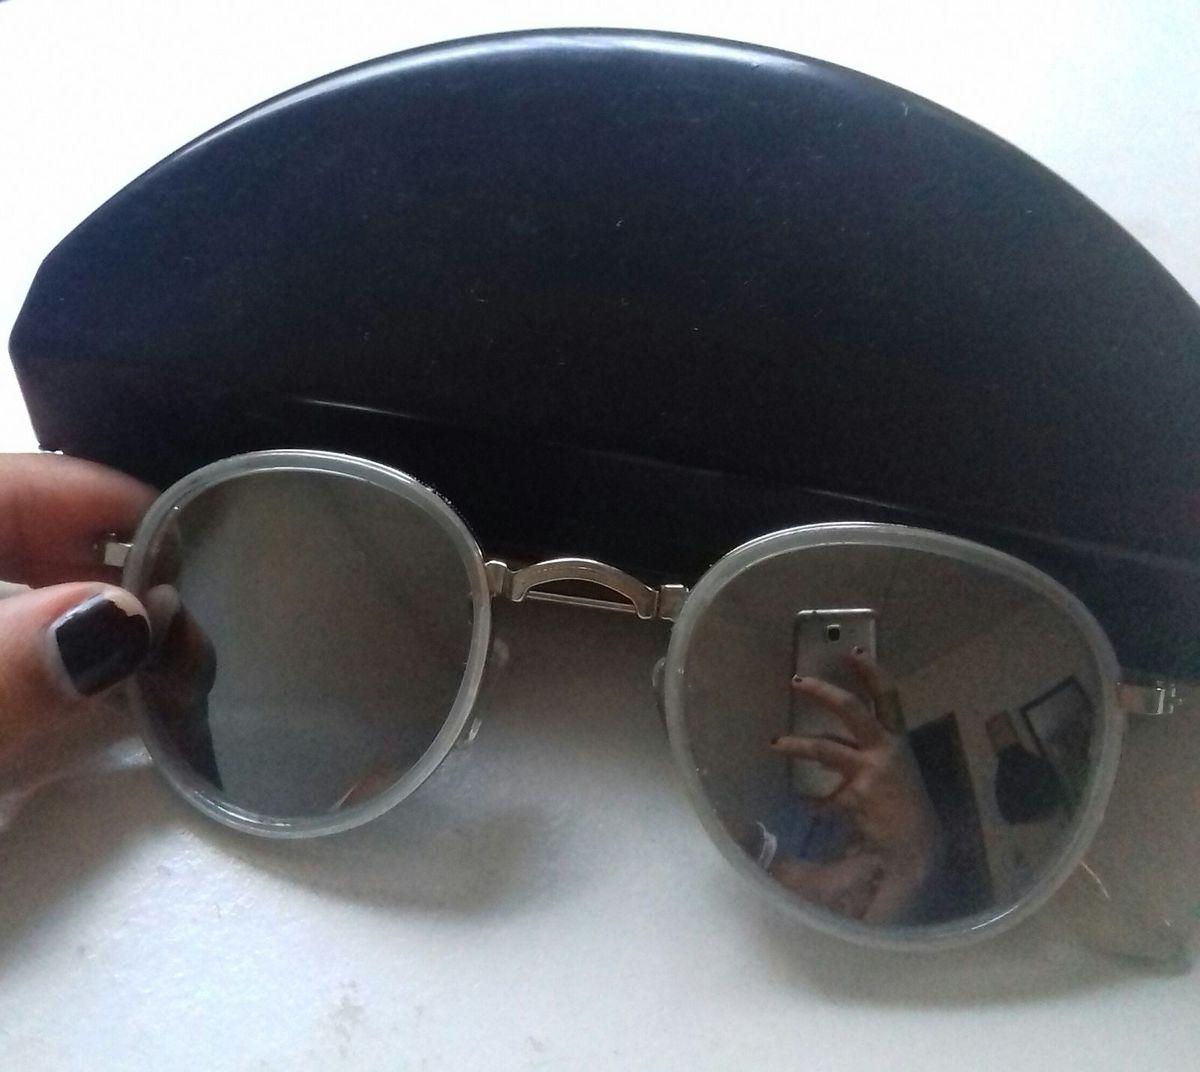 96f10d965e866 óculos redondinho espelhado - óculos riachuelo.  Czm6ly9wag90b3muzw5qb2vplmnvbs5ici9wcm9kdwn0cy81ode5otezlzqymjc1mjvhmgmzmmuyogm1mjezmzq5njlmm2nkmtmylmpwzw  ...